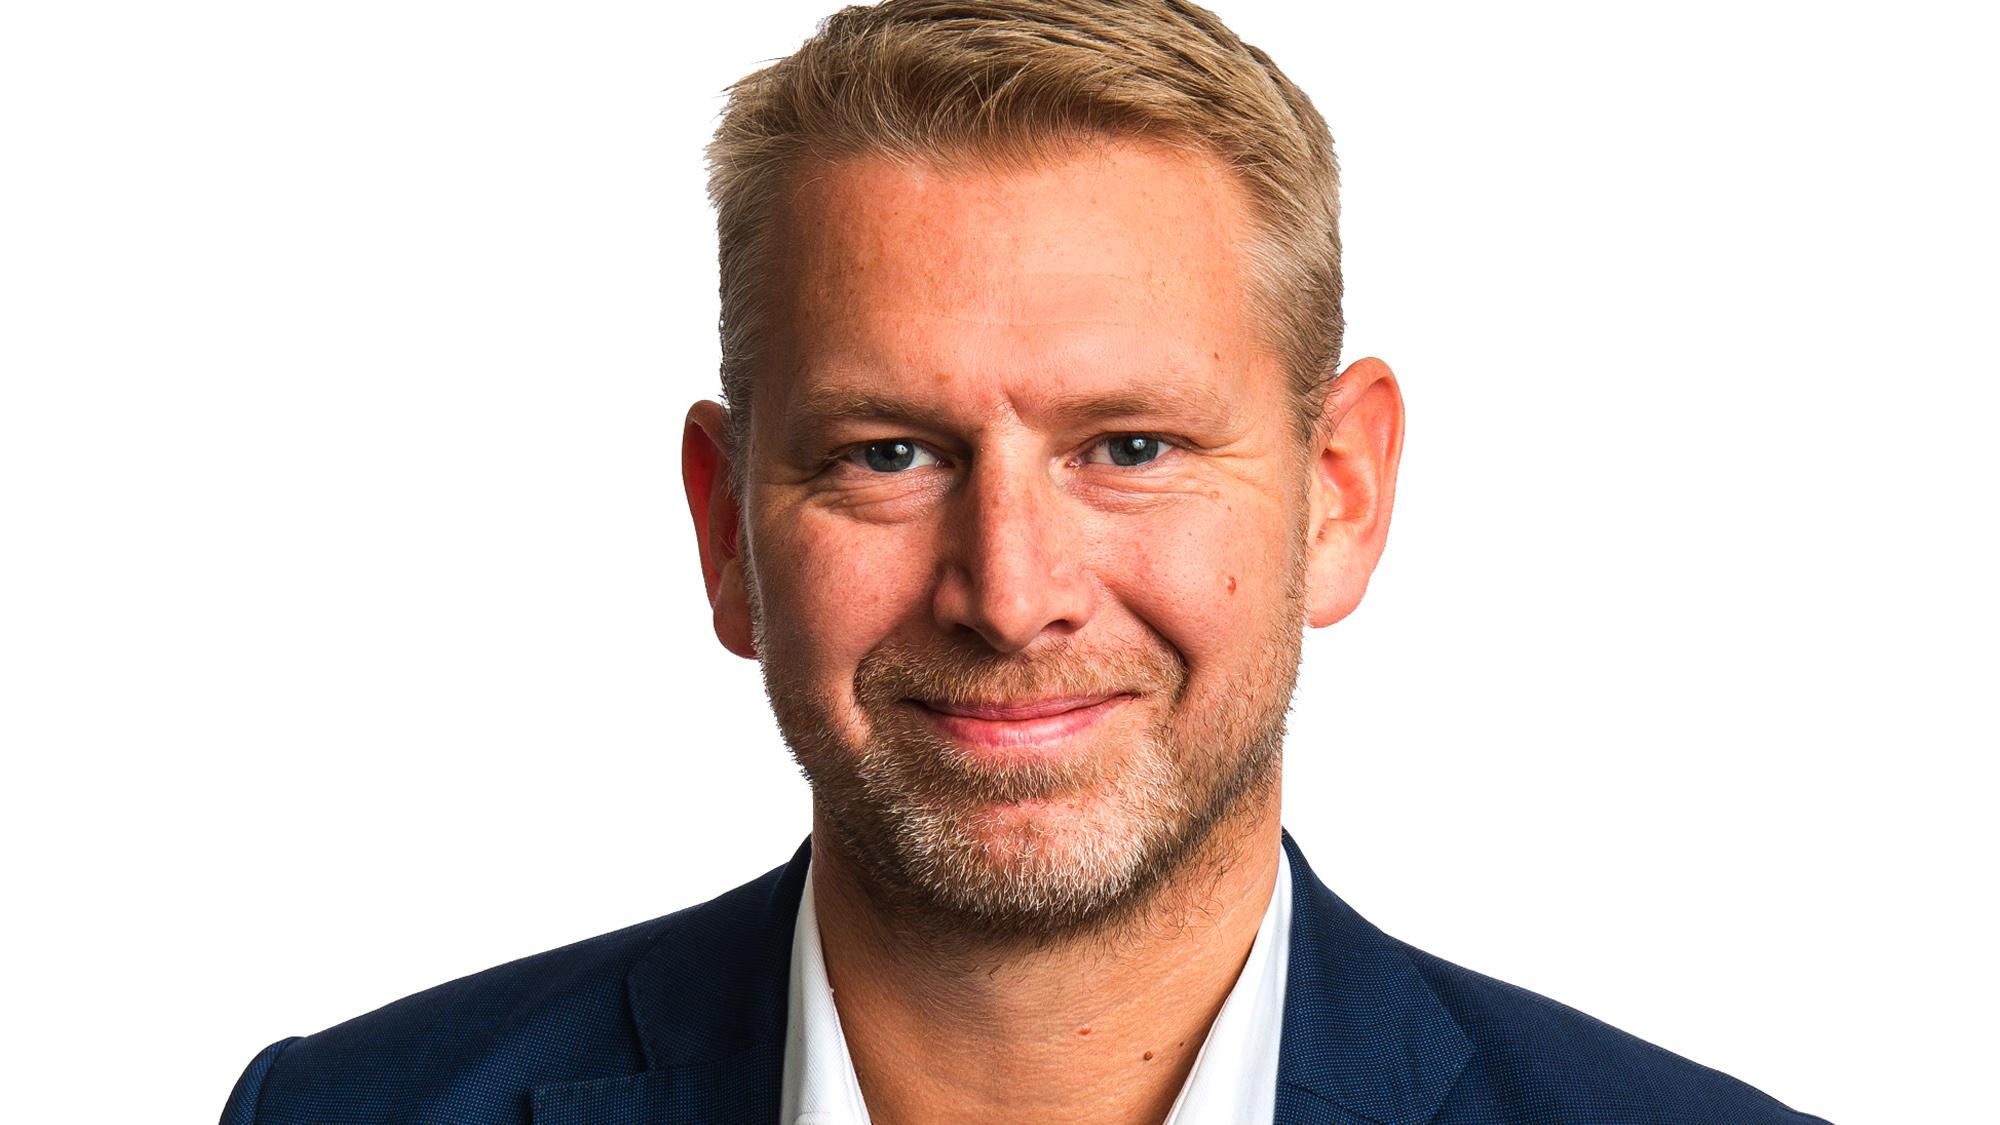 Peter Carlsson, CEO und Mitgründer von Northvolt. © Northvolt